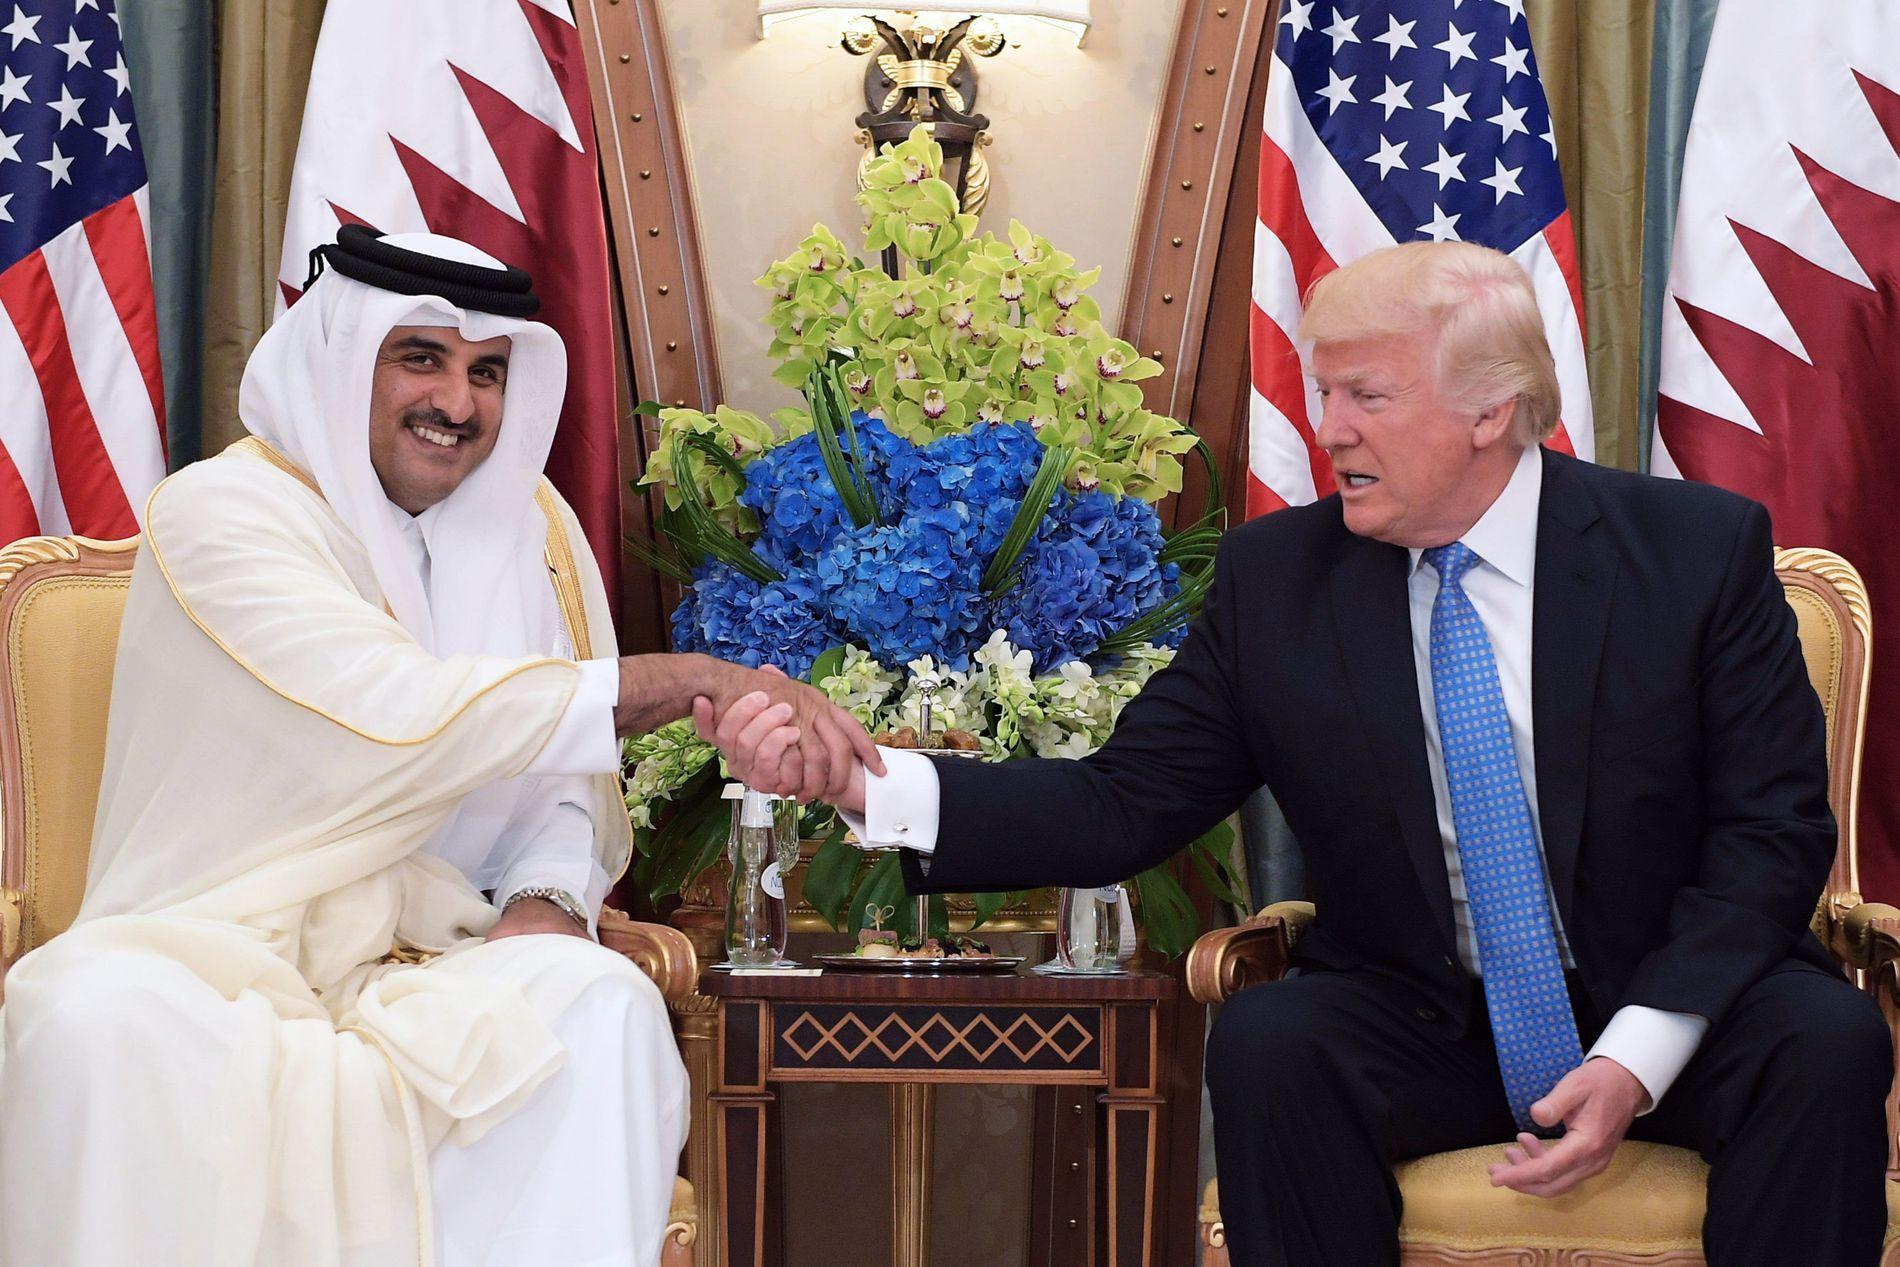 MØTTE TRUMP: Qatars emir  Tamim bin Hamad Al Thani møtte USAs president Donald Trump i Saudi Arabia i slutten av mai.